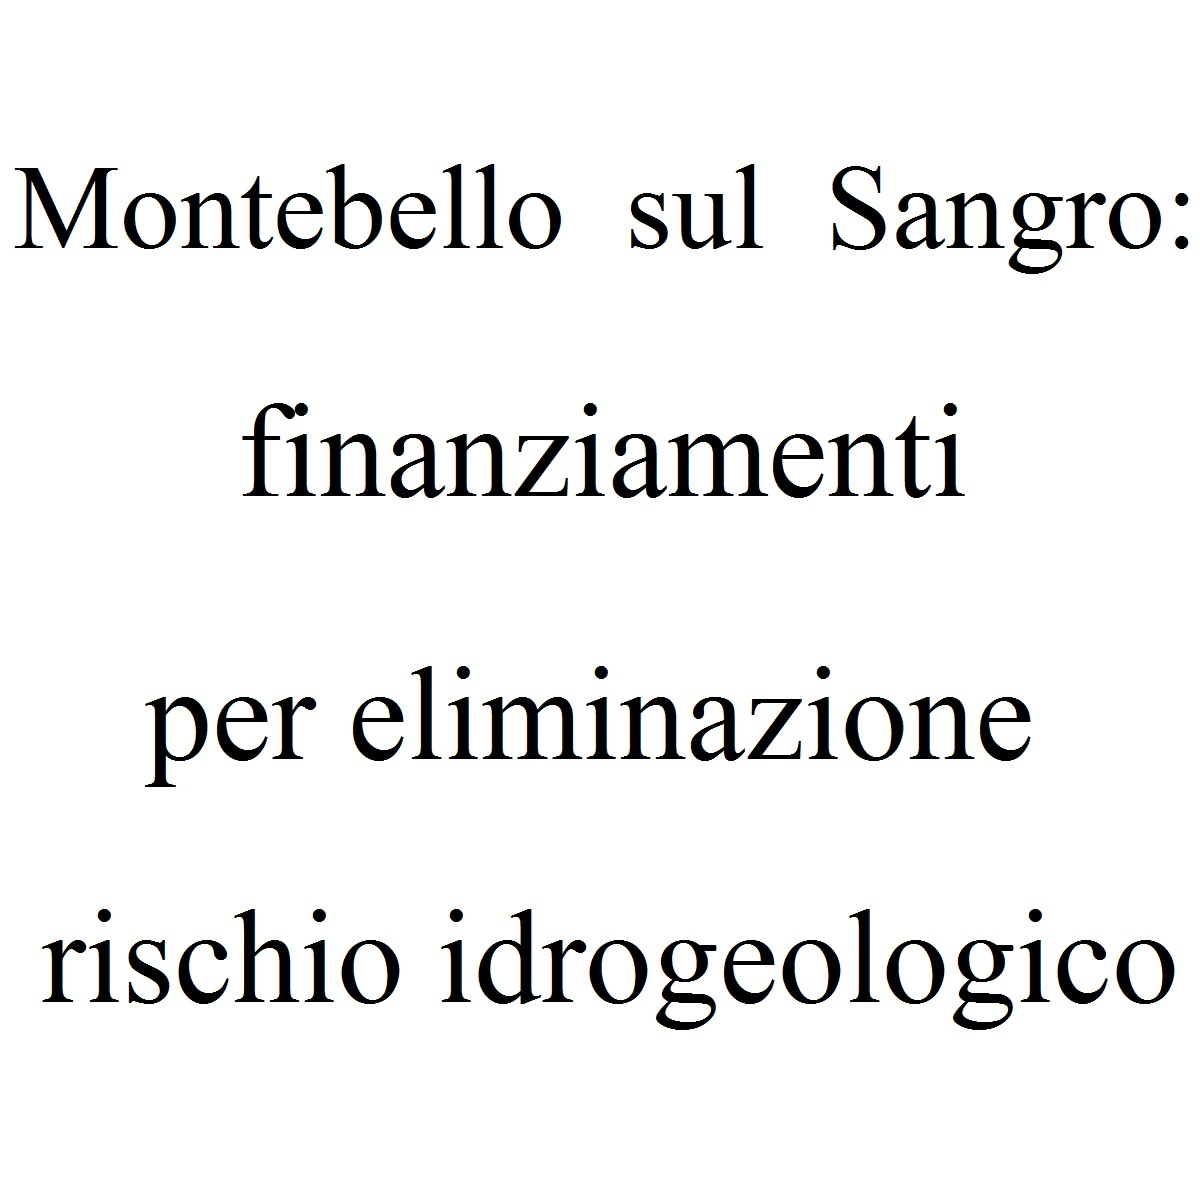 Montebello sul Sangro finanziamenti per eliminazione rischio idrogeologico foto